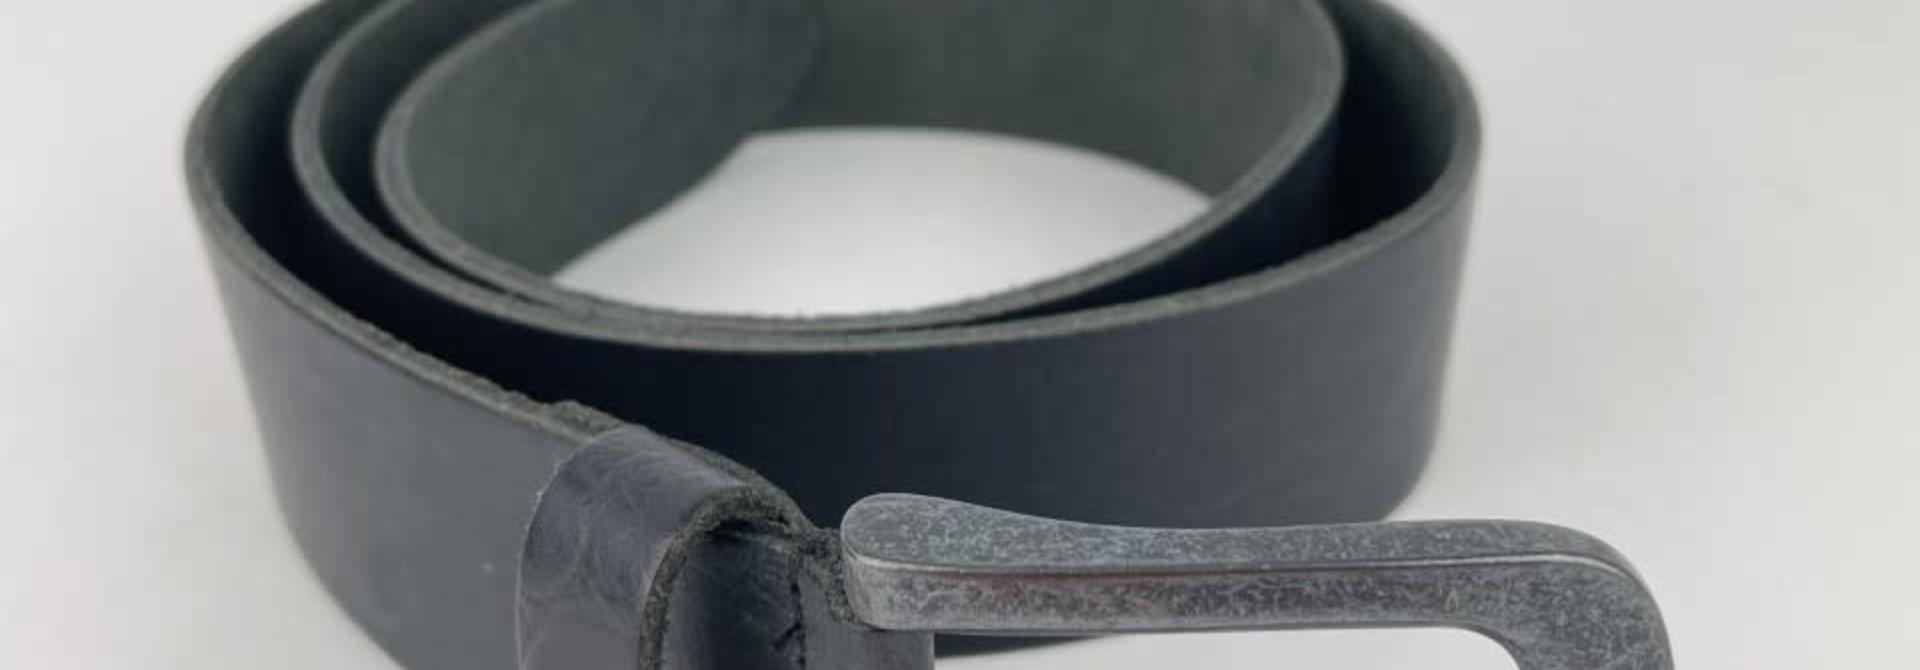 Crolette leather belt Black